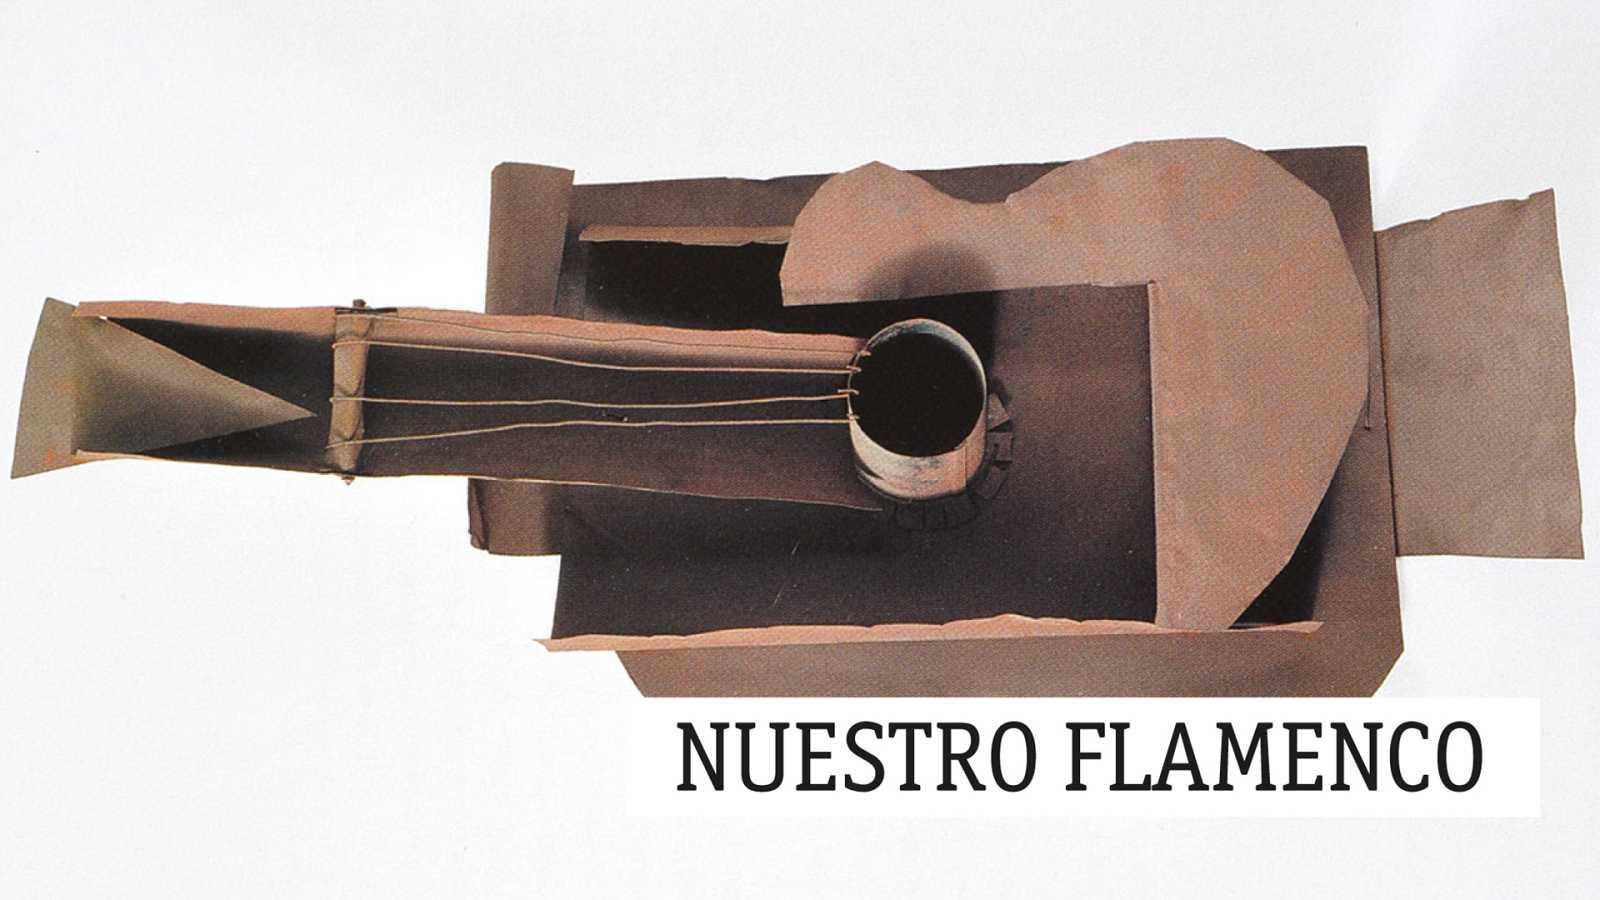 Nuestro flamenco - Las vanguardias flamencas de los años 70 - 12/03/20 - escuchar ahora